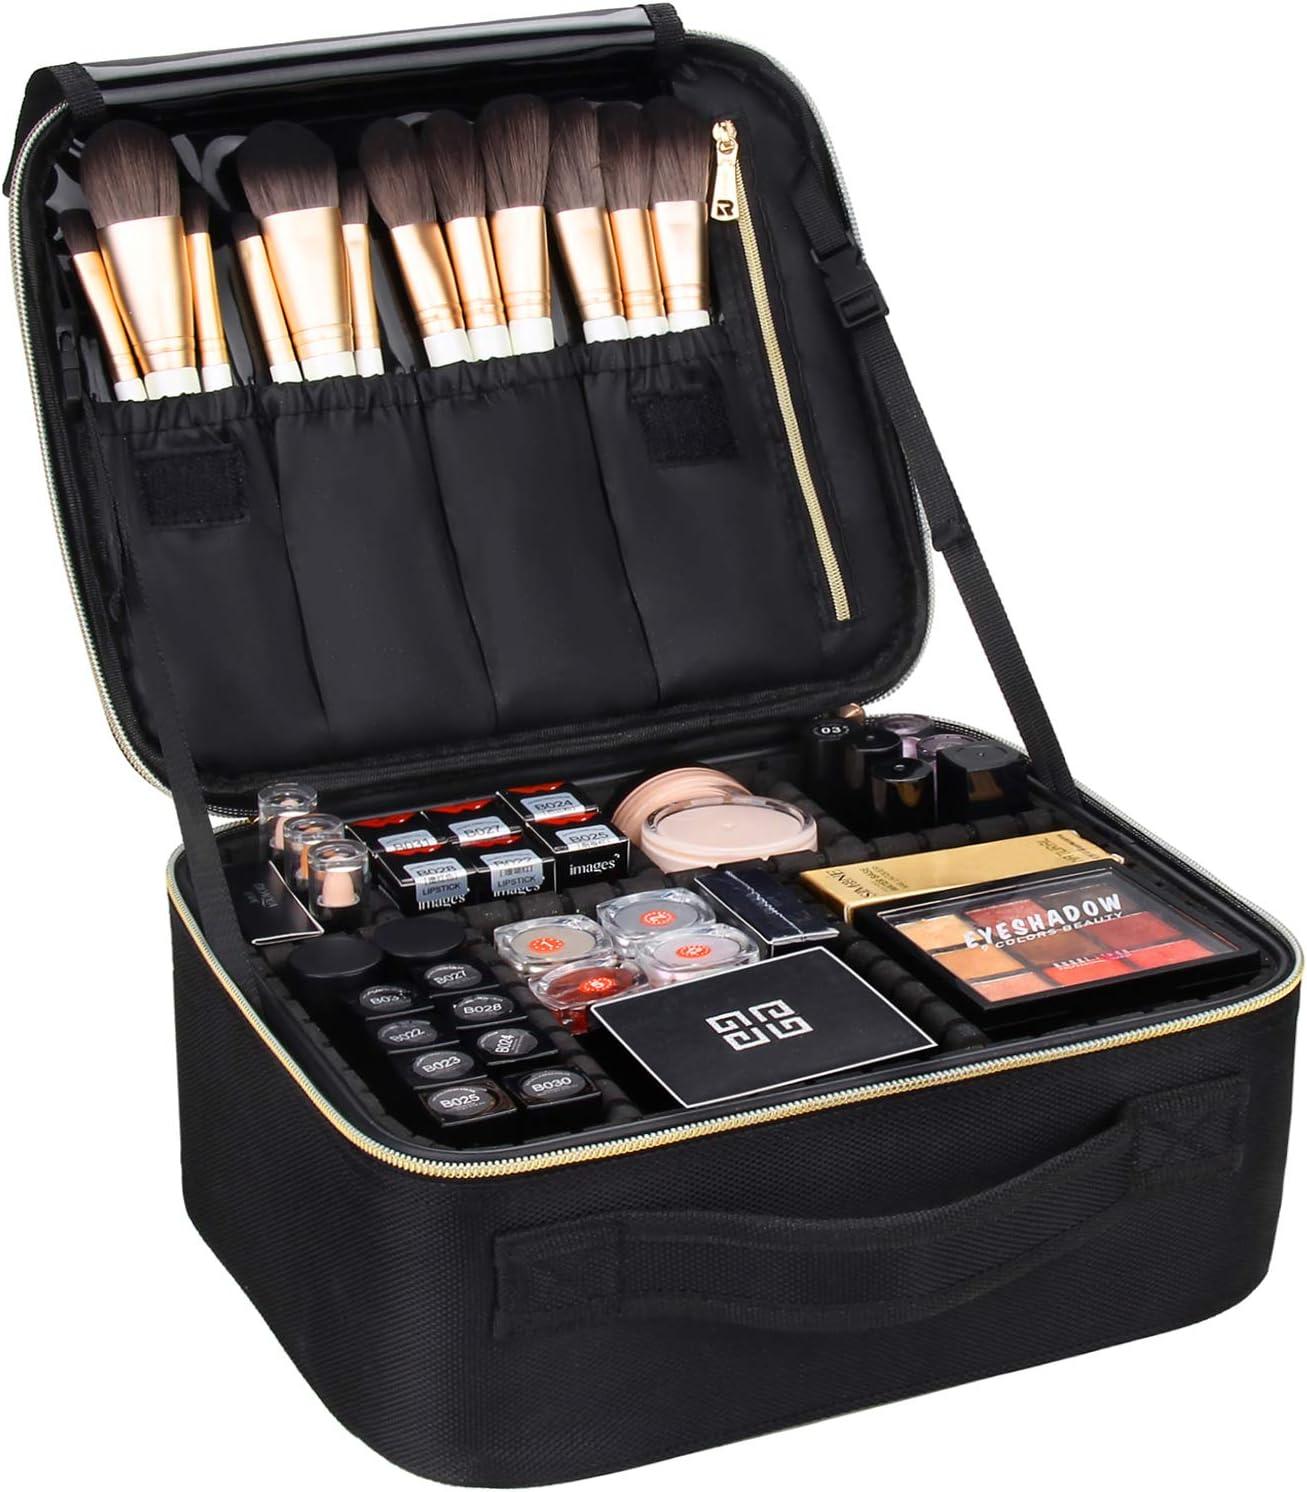 MONSTINA Professional Travel Makeup Bag